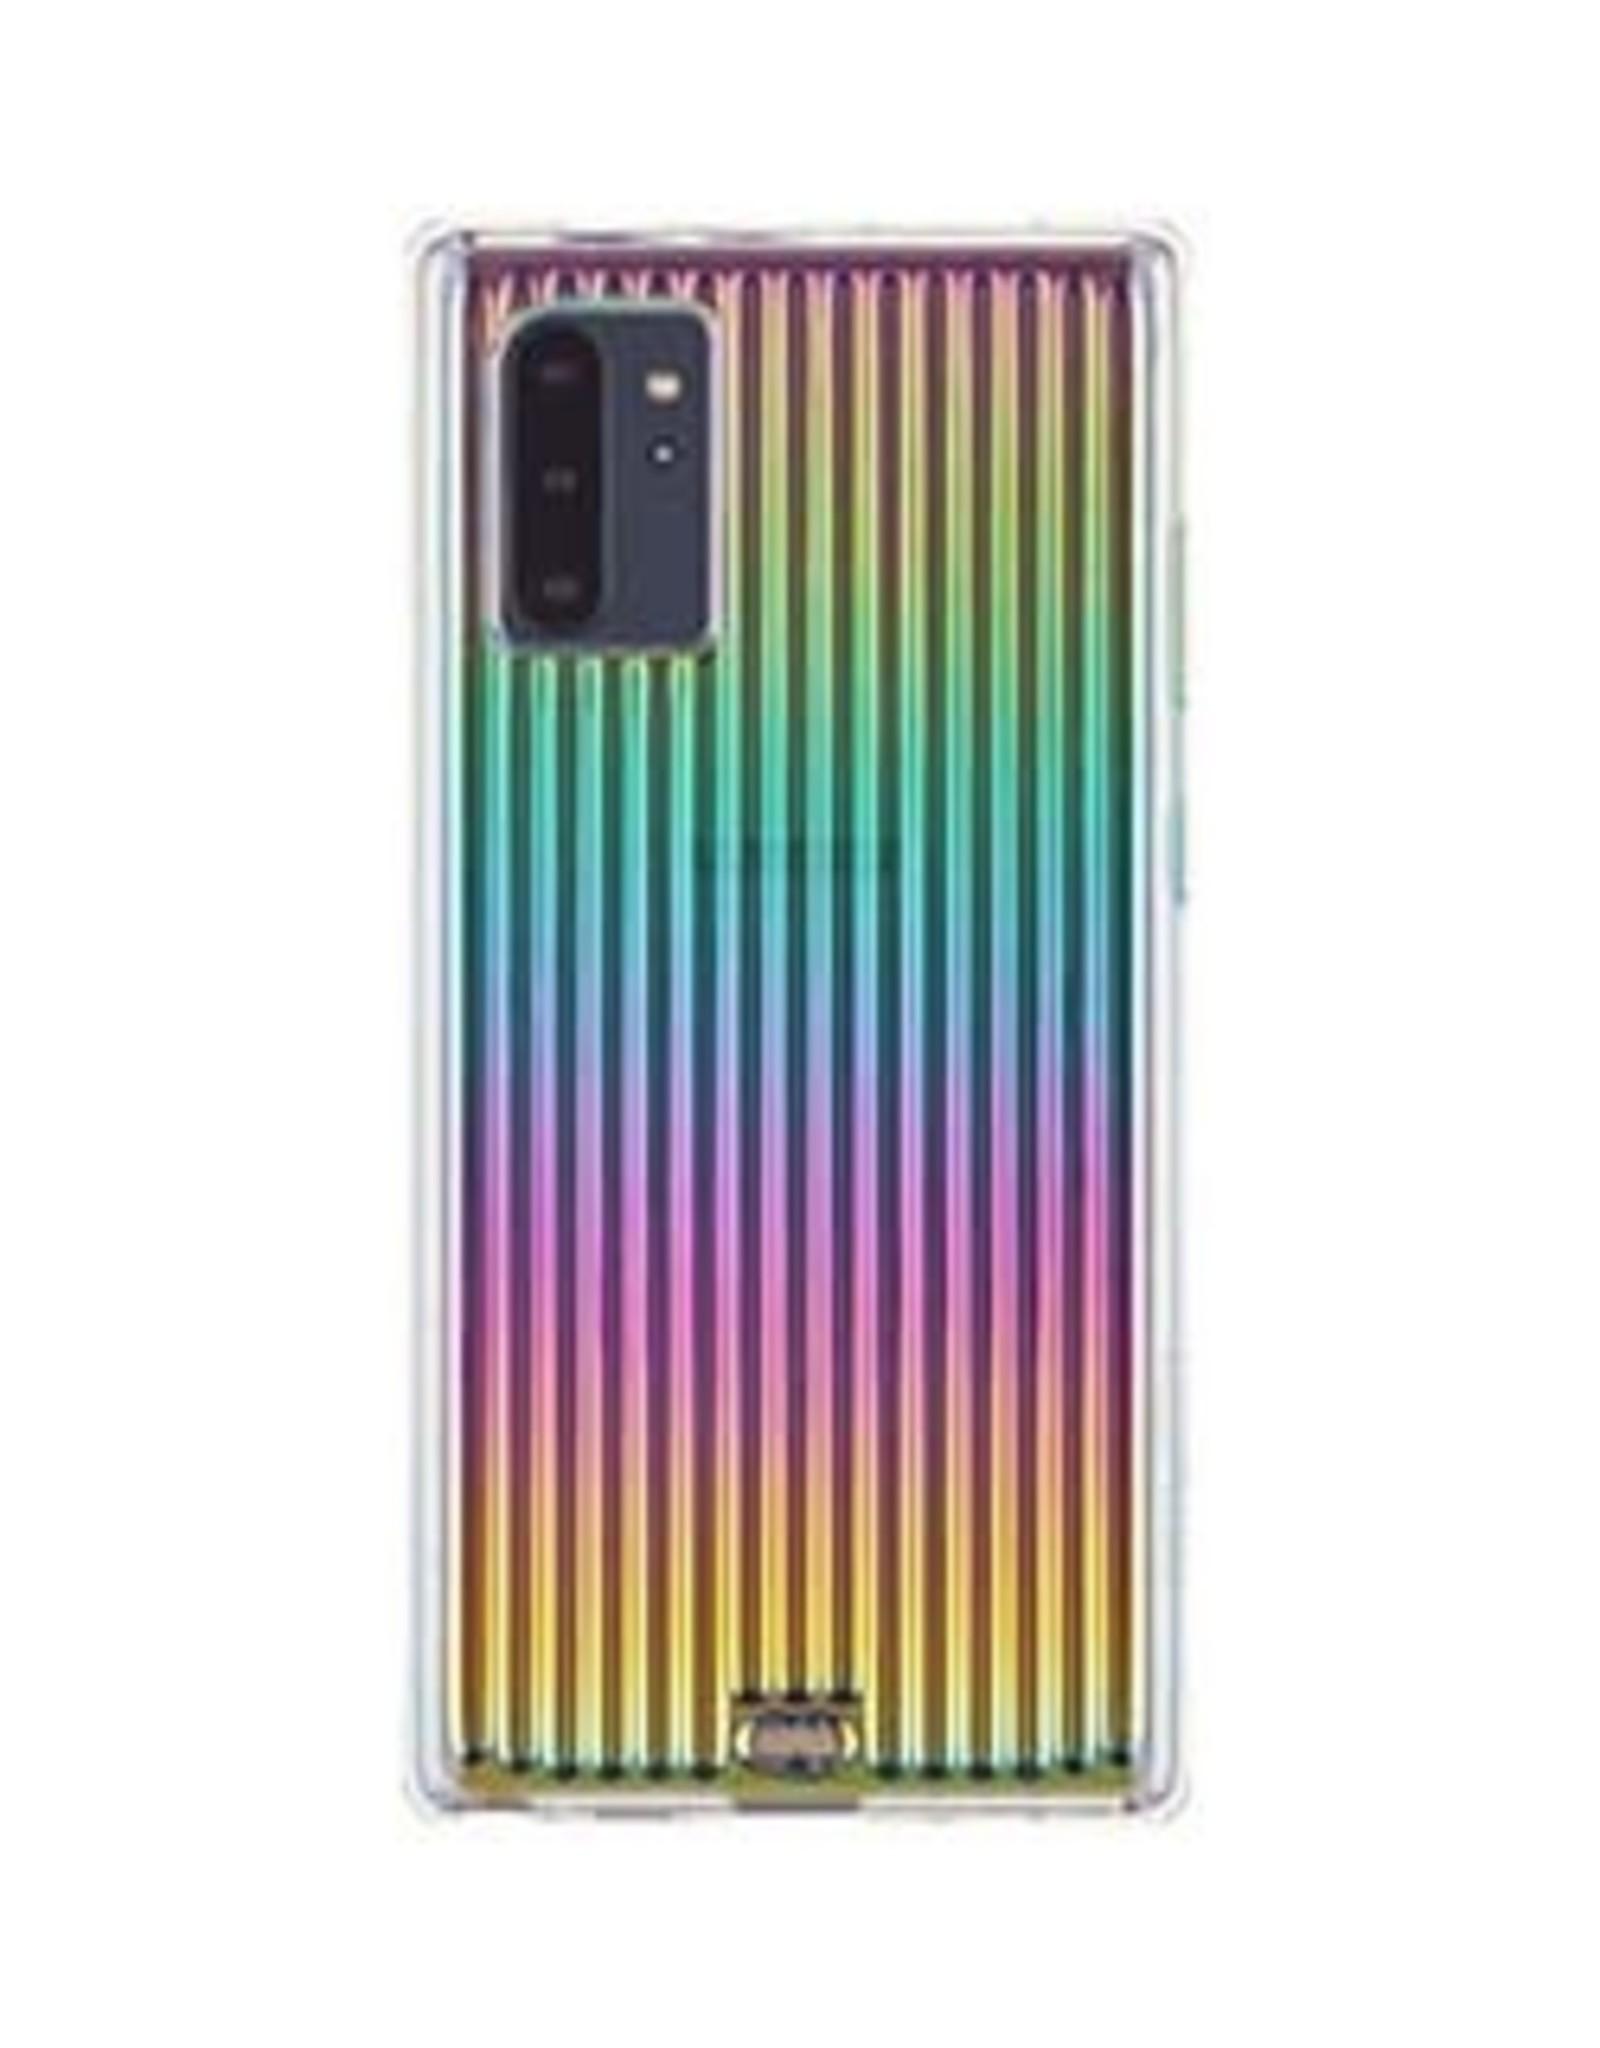 Case-Mate Case-Mate | Galaxy Note 10+ Case-Mate Iridescent Tough Groove Case 15-04923